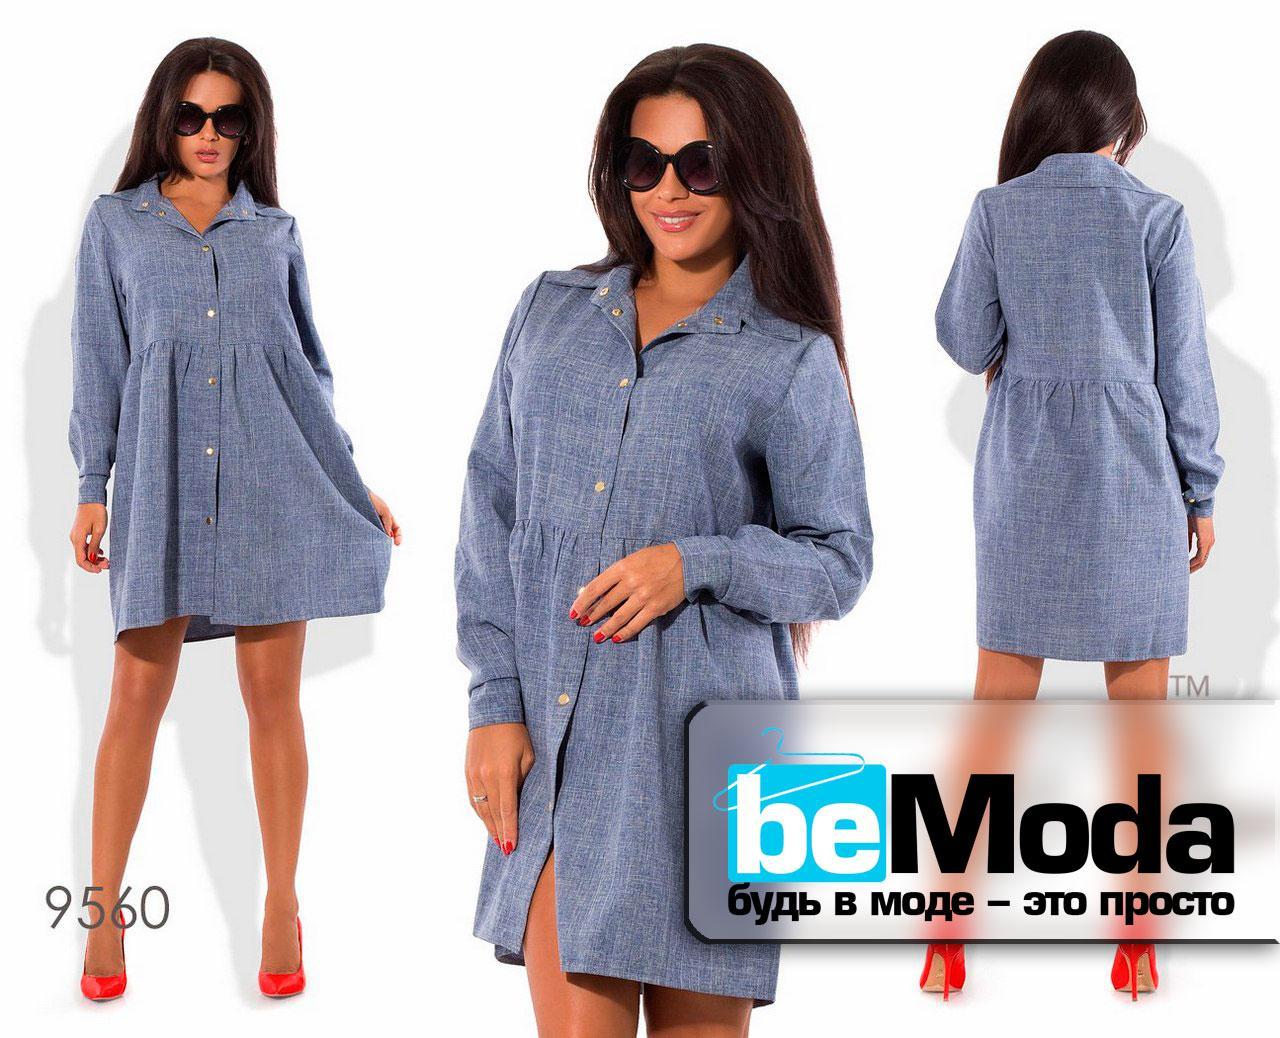 Свободное женское платье рубашечного кроя голубое - Модная одежда, обувь и аксессуары интернет-магазин BeModa.com.ua в Белой Церкви